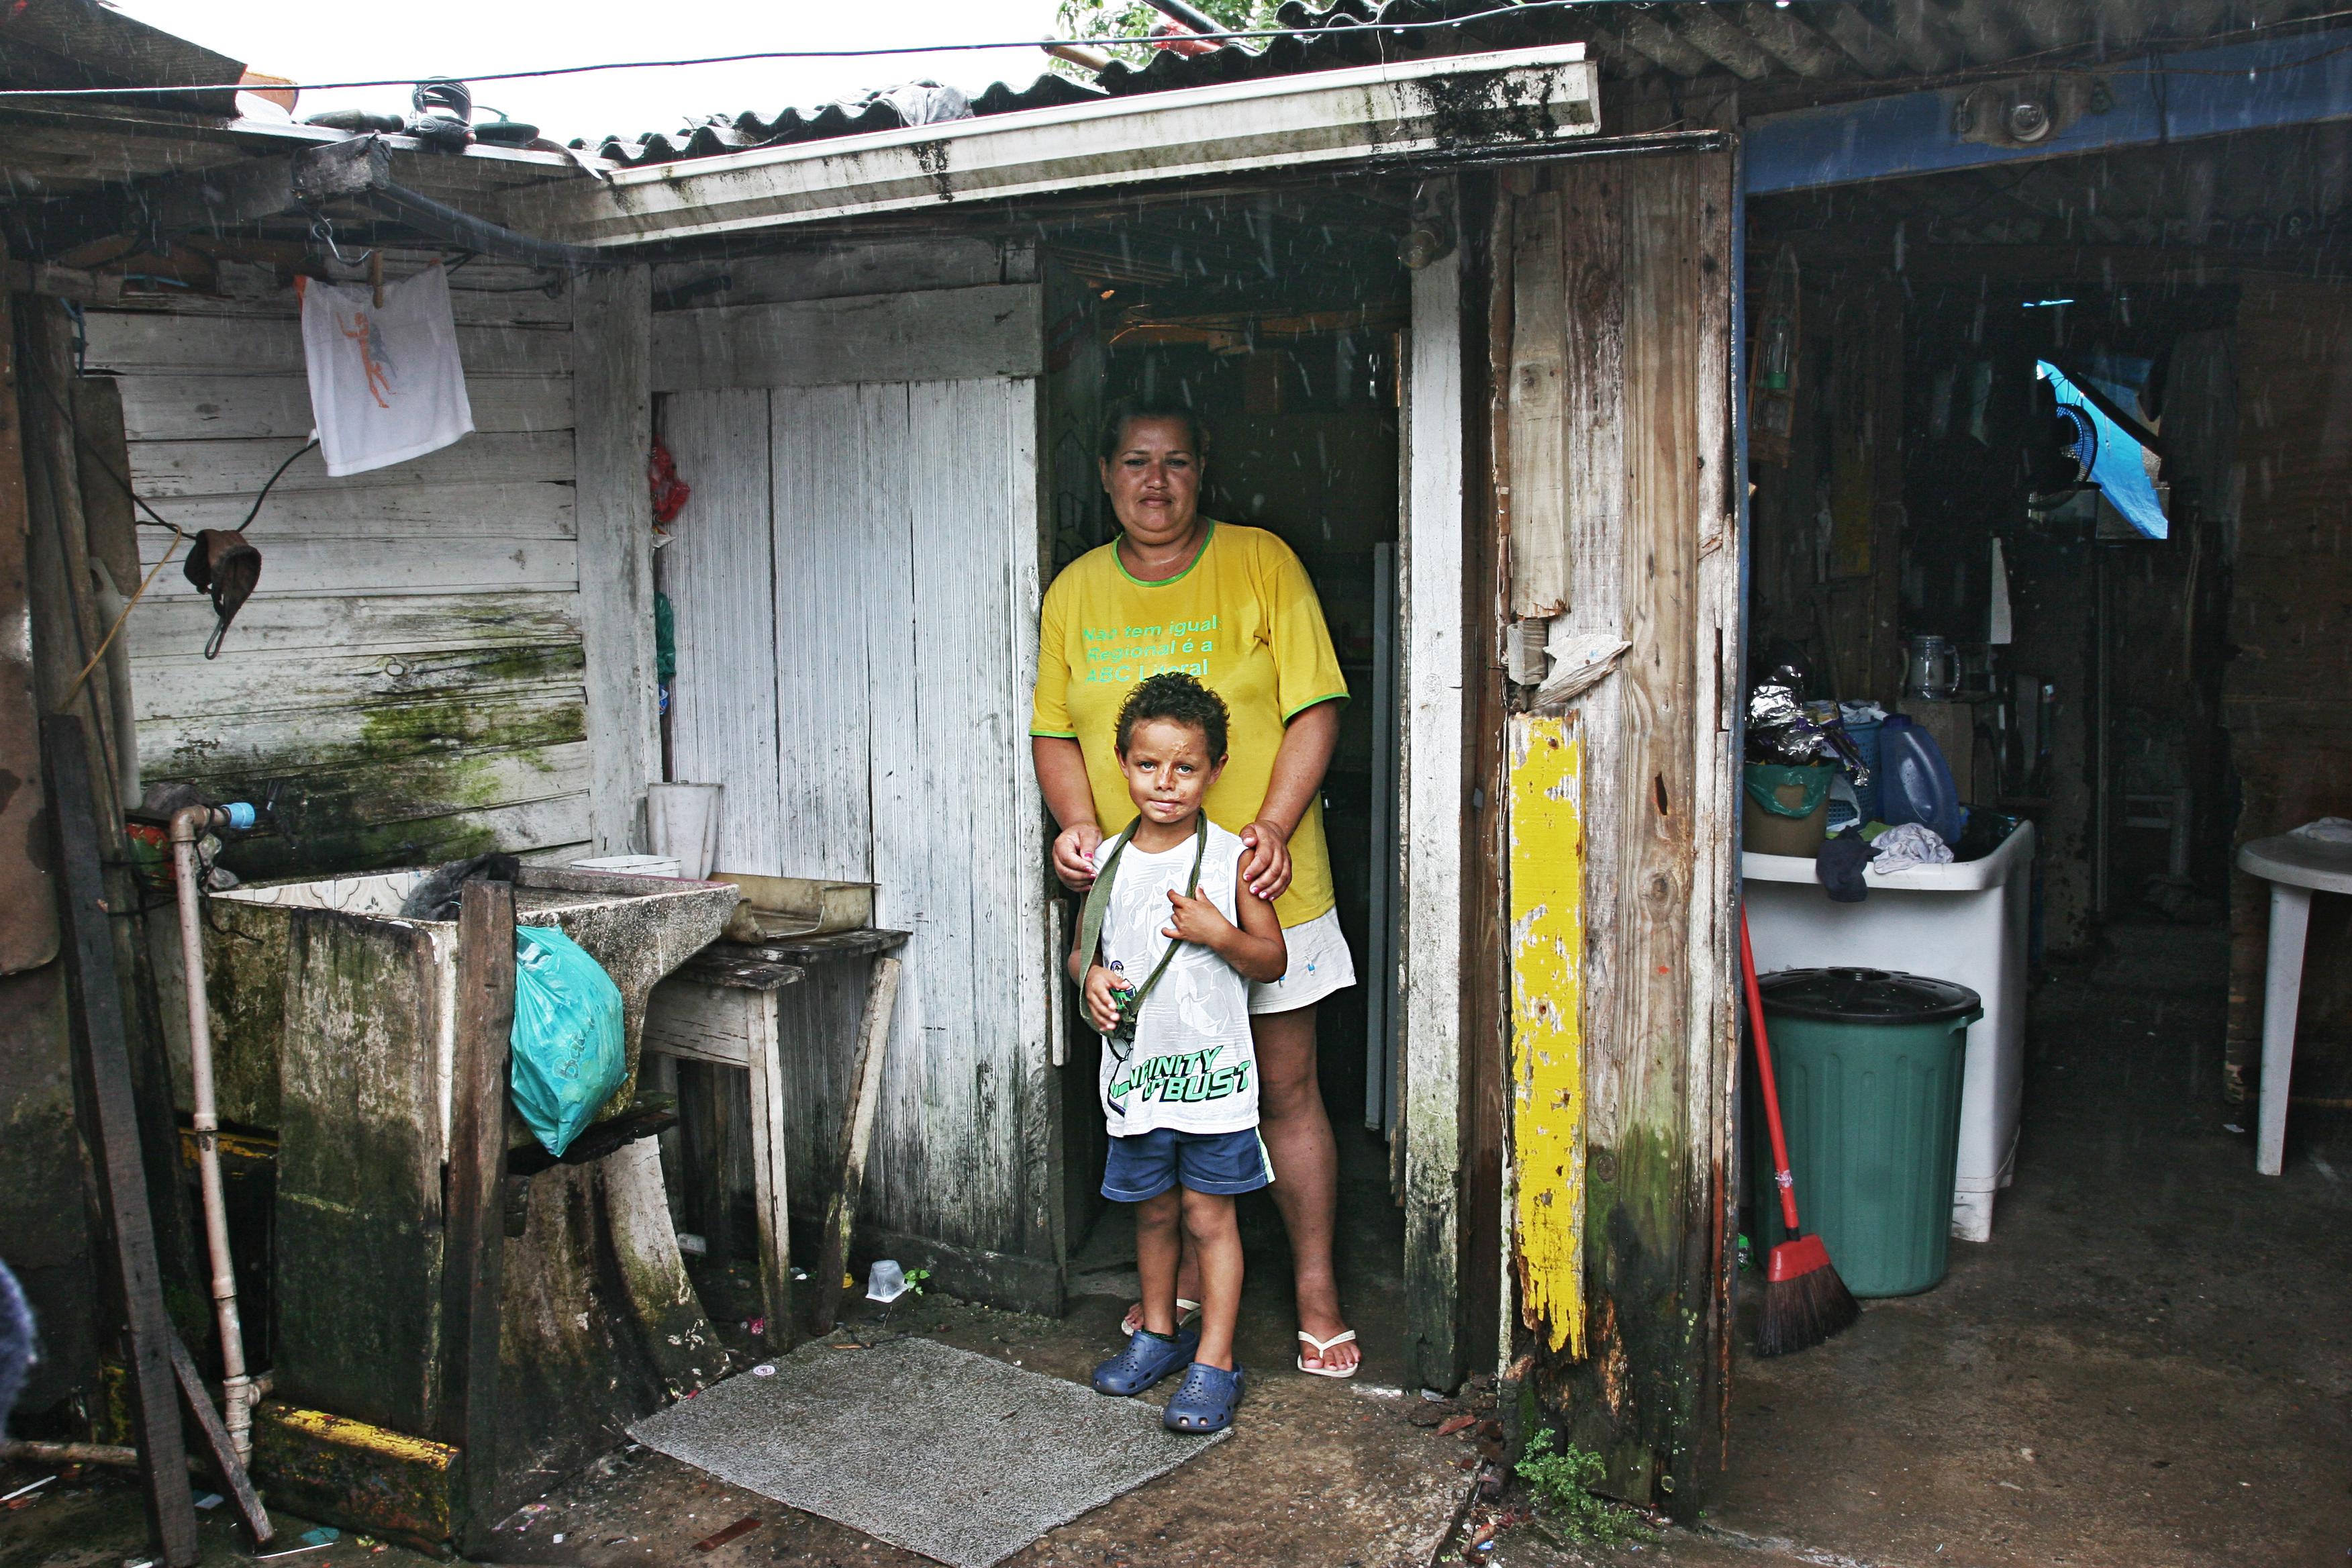 Husene/skurene kan være svært små og i dårlig stand.